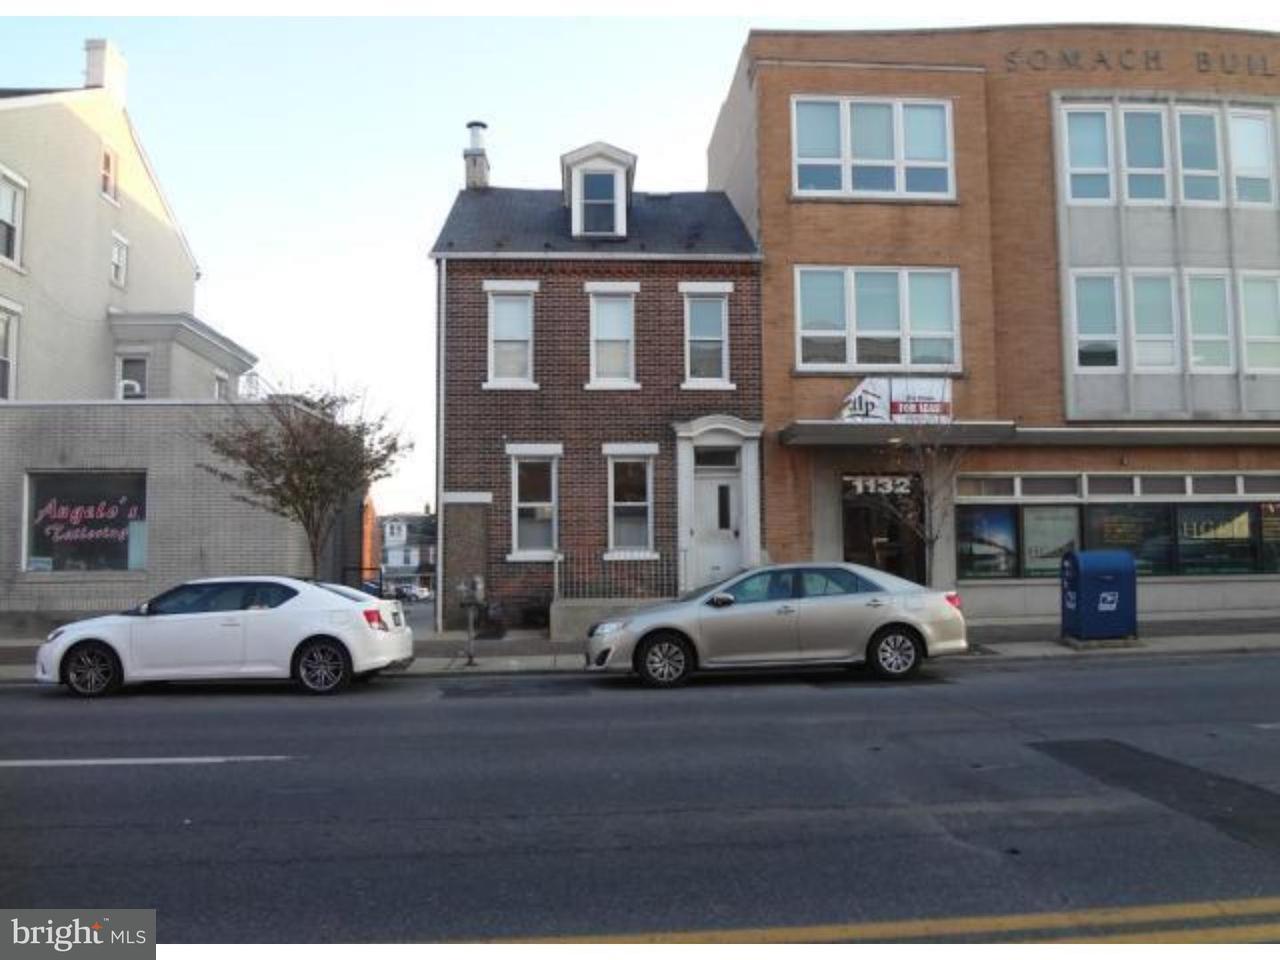 Частный односемейный дом для того Аренда на 1130 W HAMILTON ST ##1 Allentown, Пенсильвания 18101 Соединенные Штаты